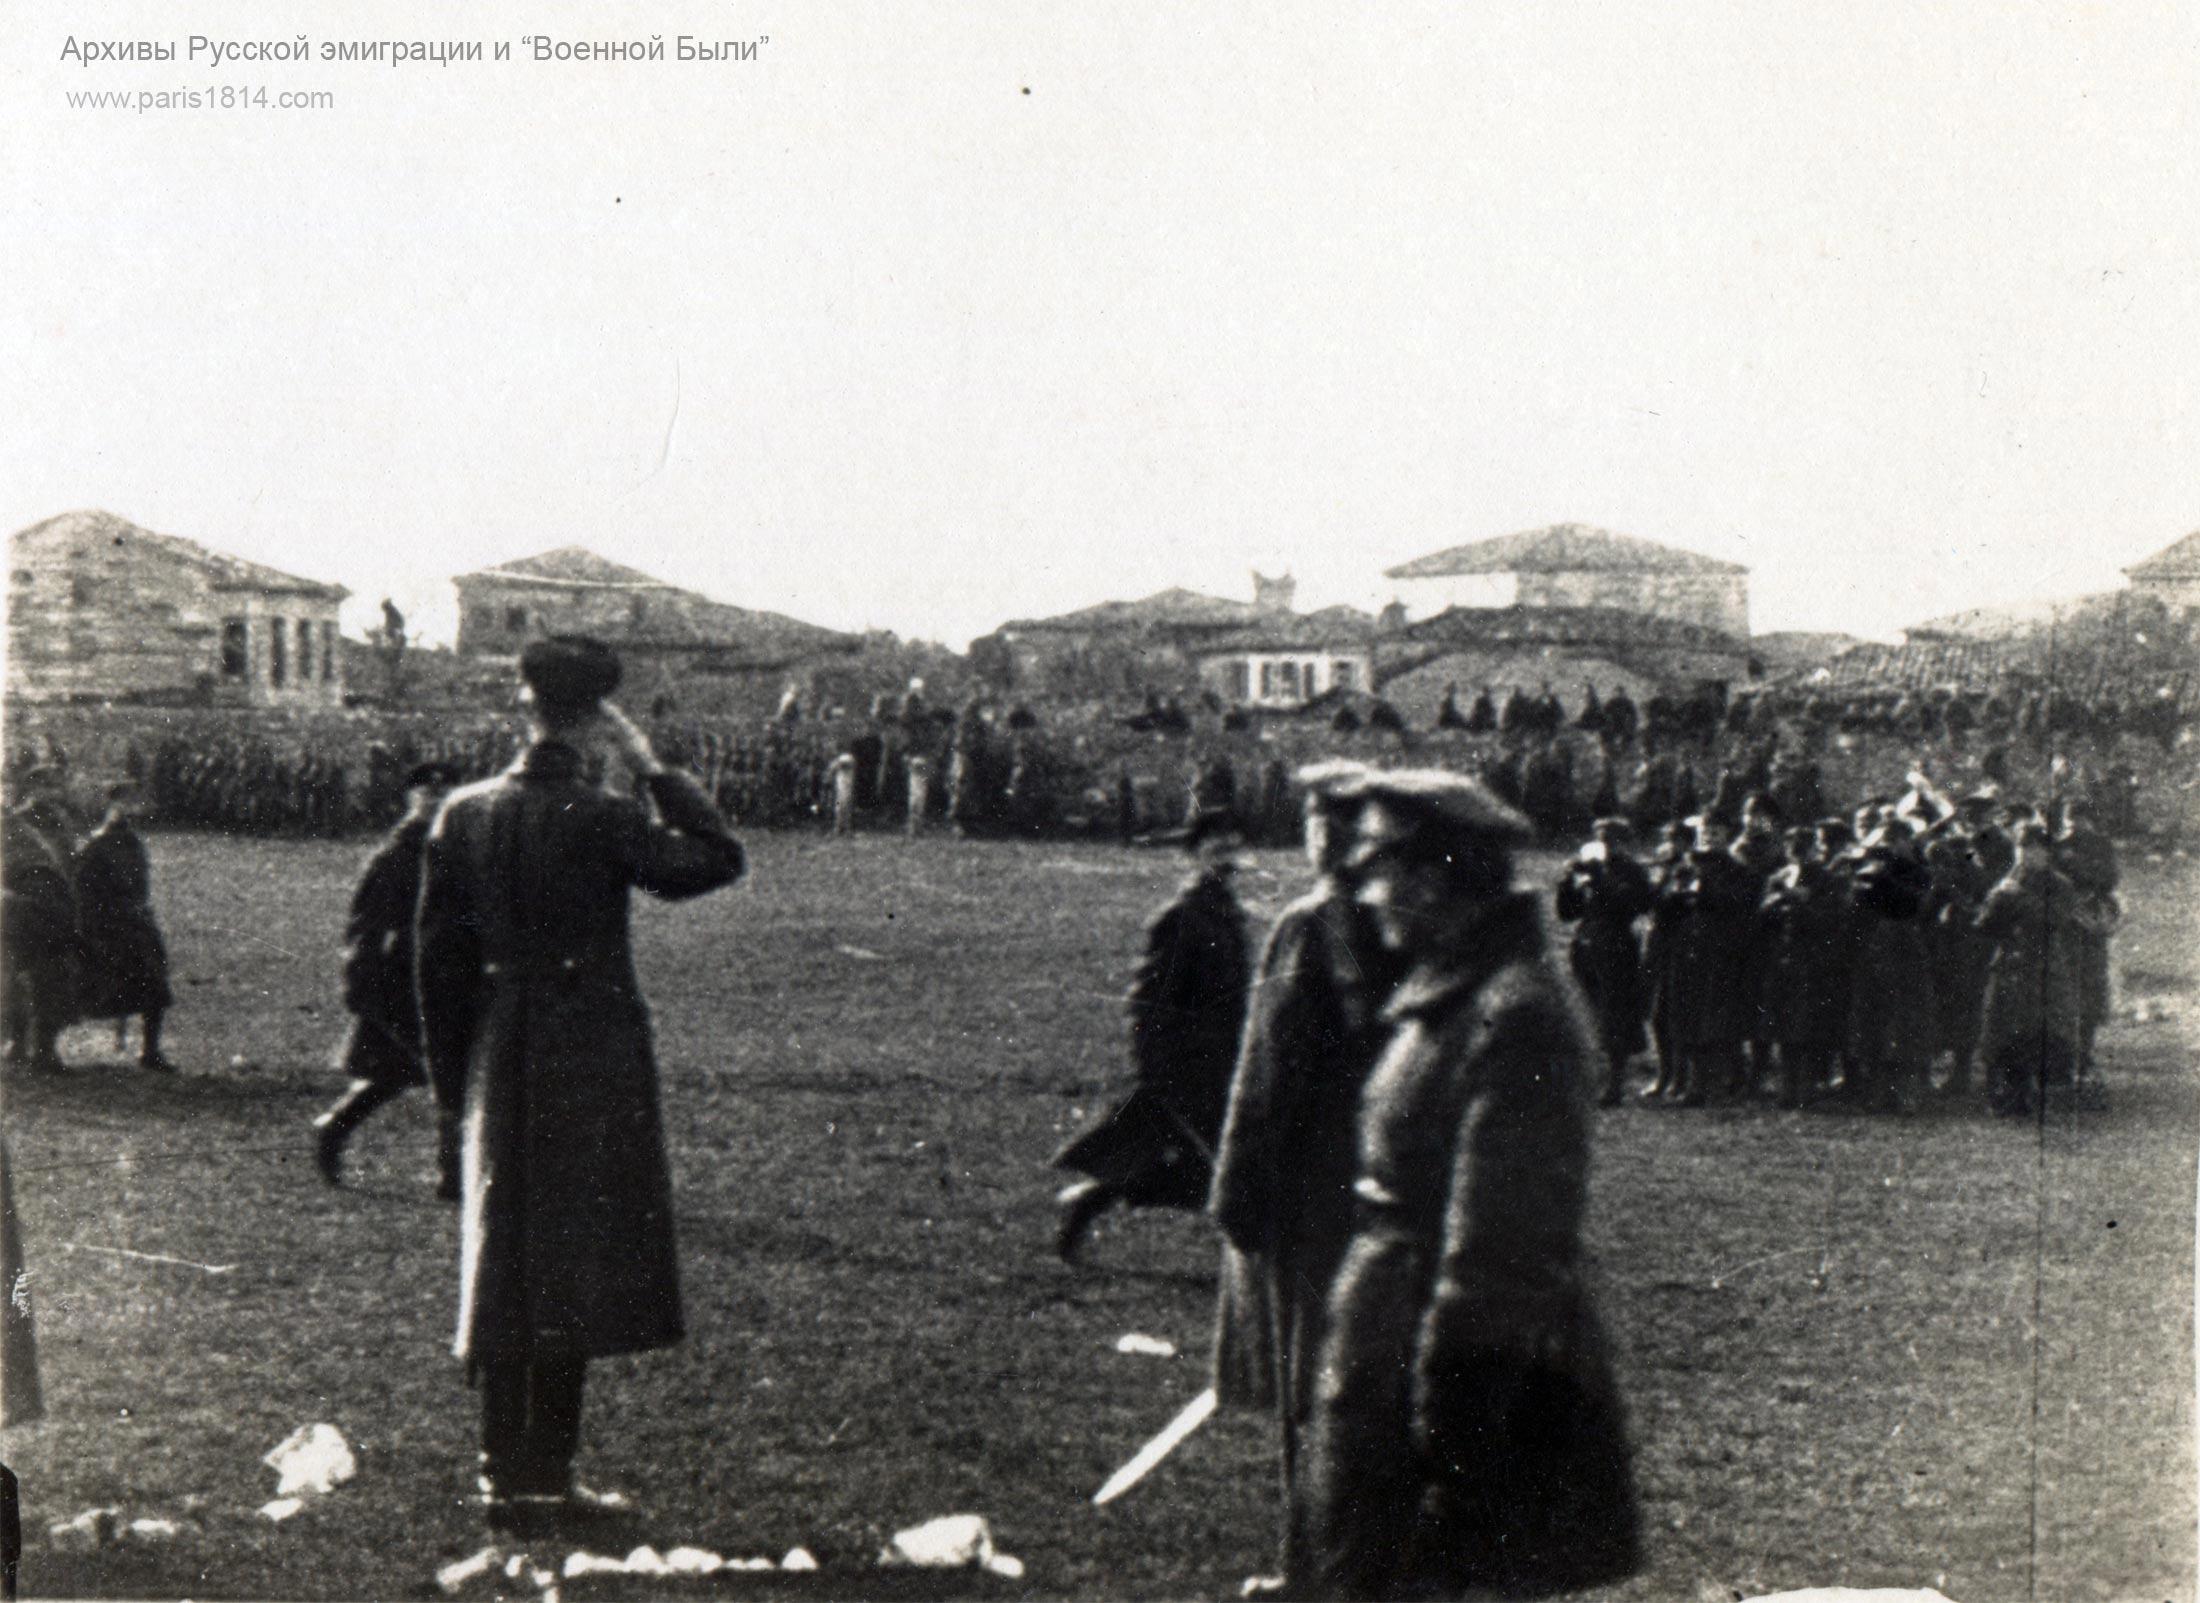 генерал Врангель в Галлиполи